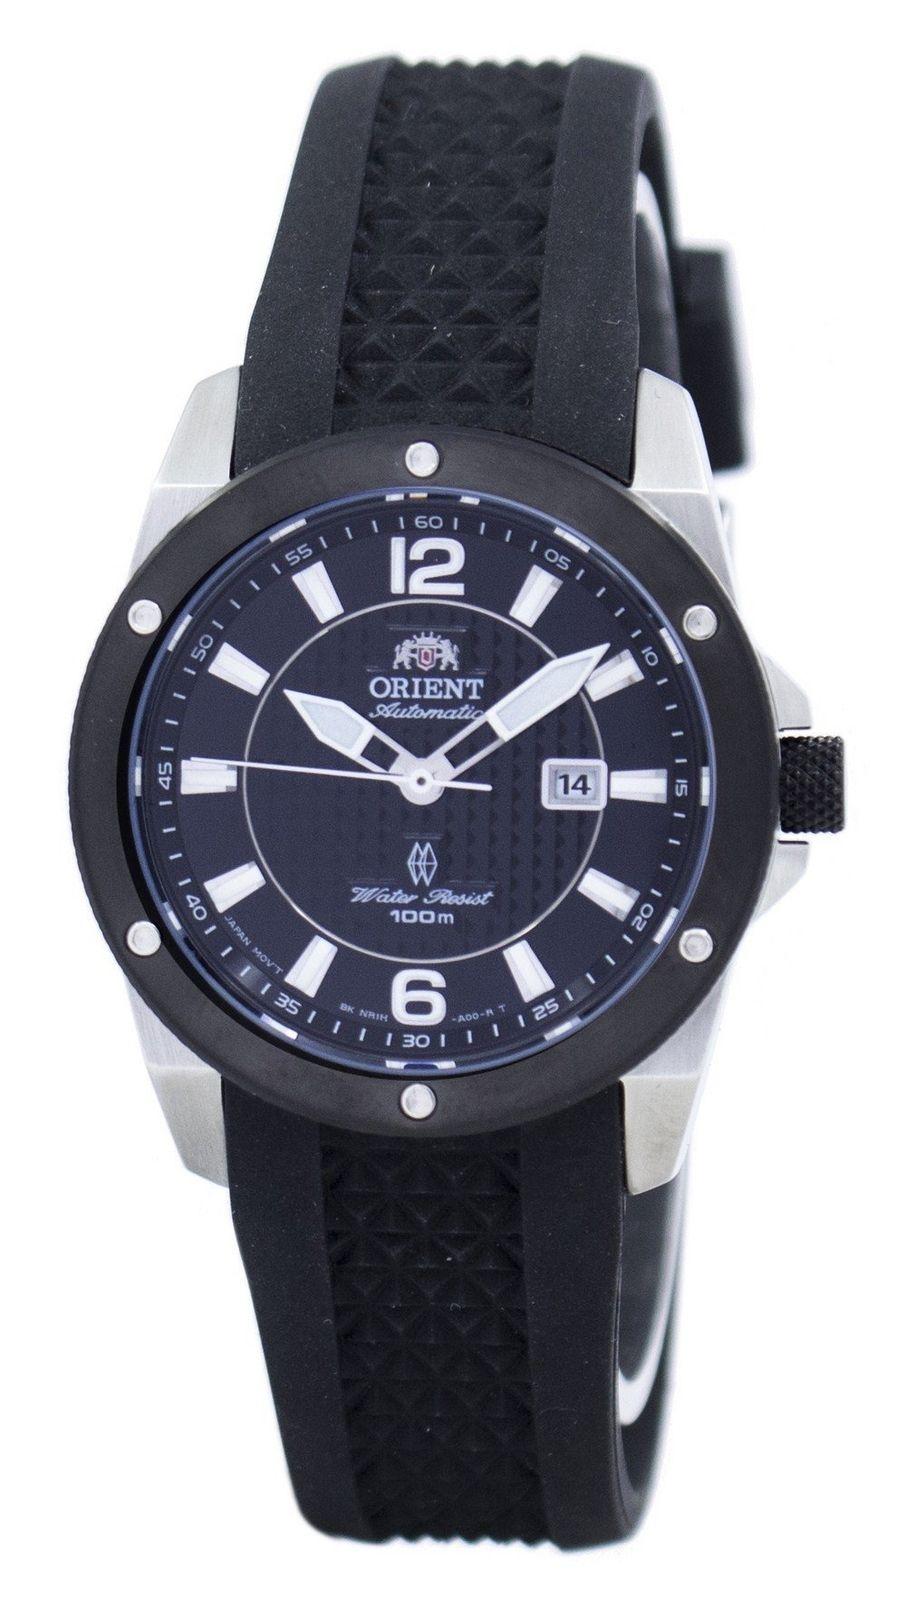 นาฬิกาผู้หญิง Orient รุ่น NR1H002B0, Sports Automatic